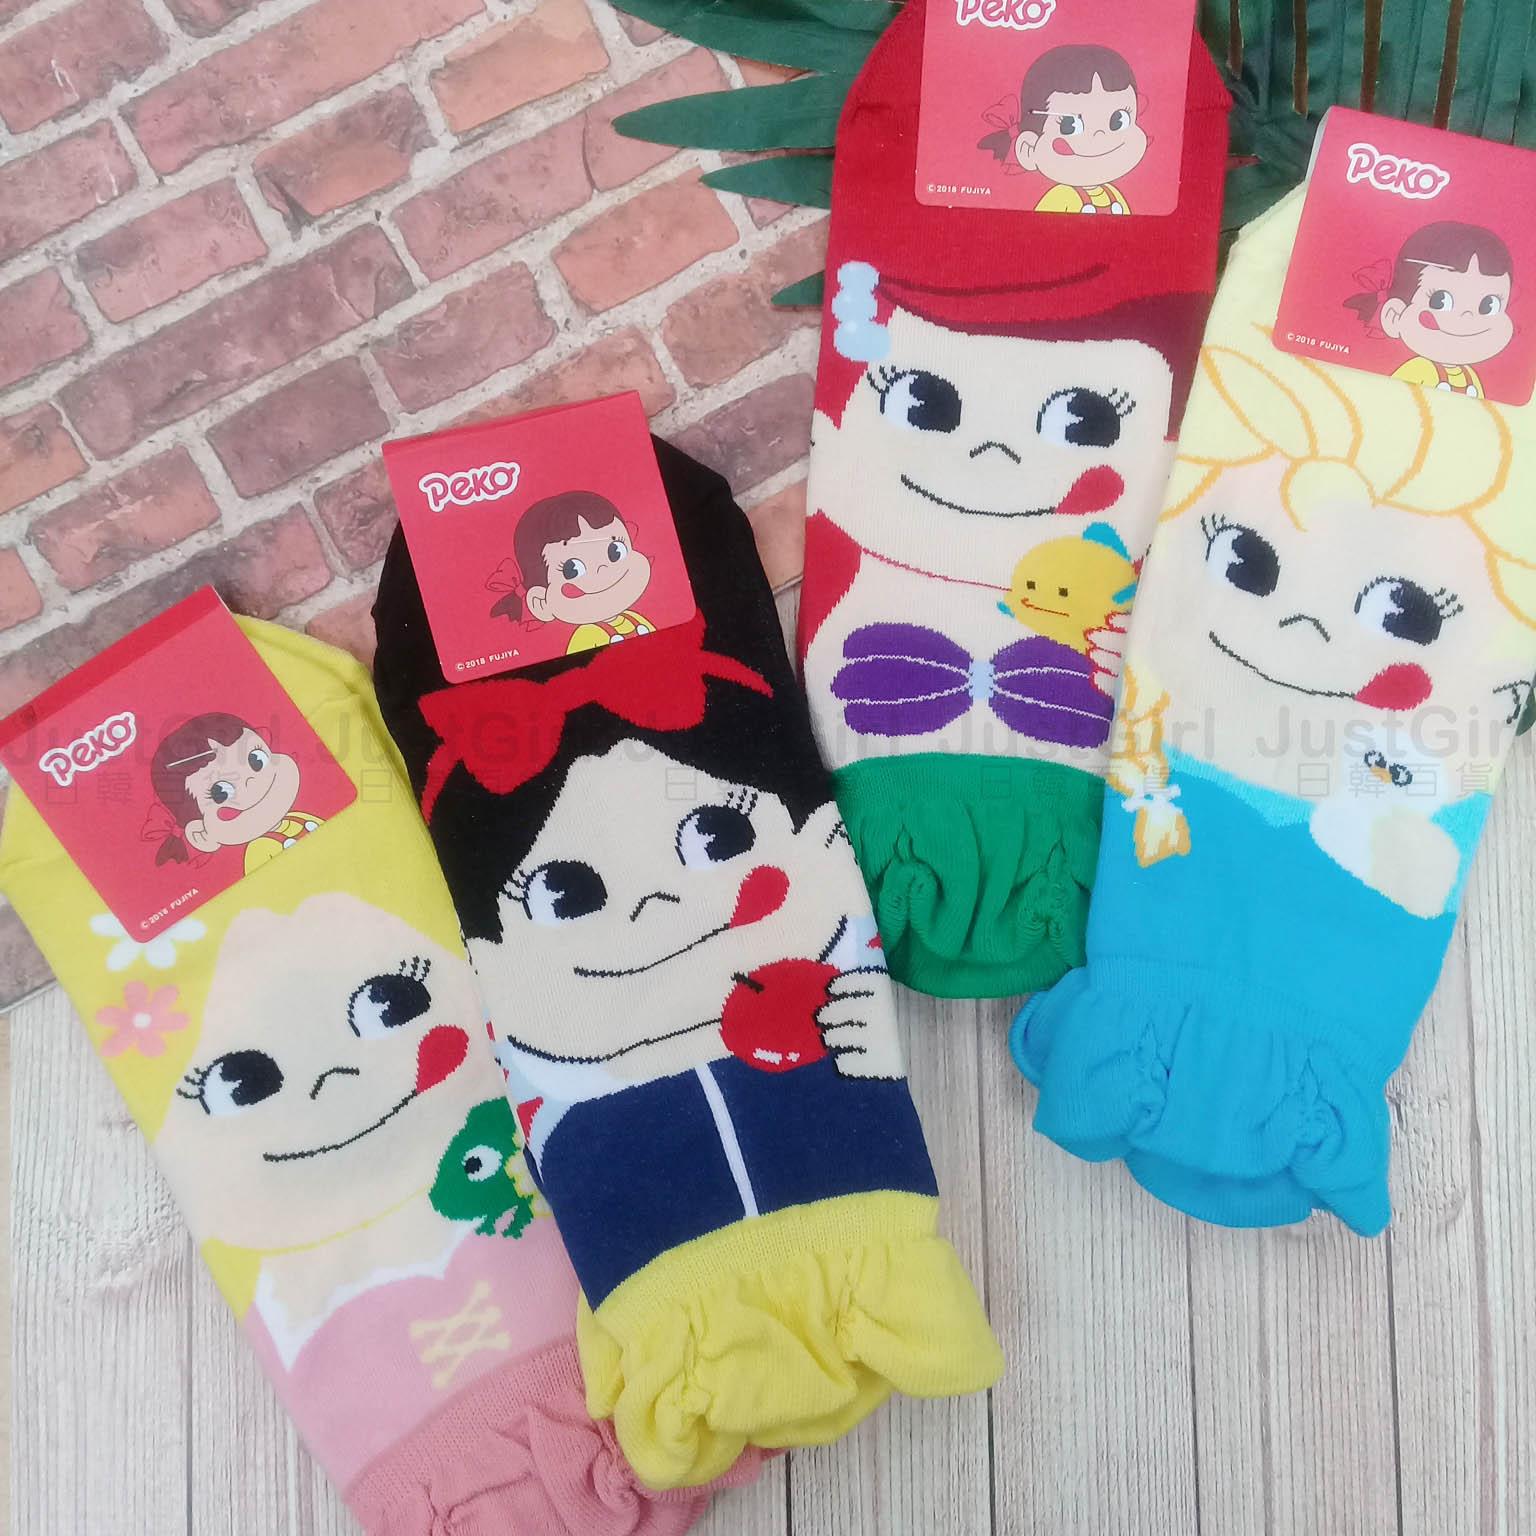 韓國襪 peko 牛奶妹 迪士尼公主 ELSA 白雪公主 美人魚 造型襪子 短襪 船型襪 正版授權 Justgirl